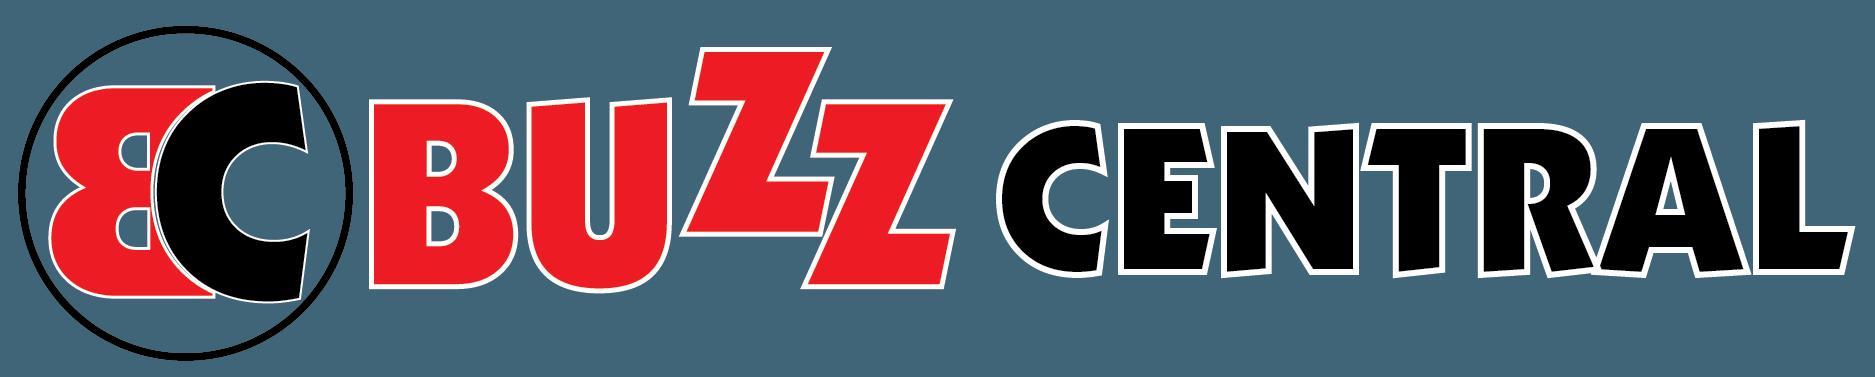 Buzz Central